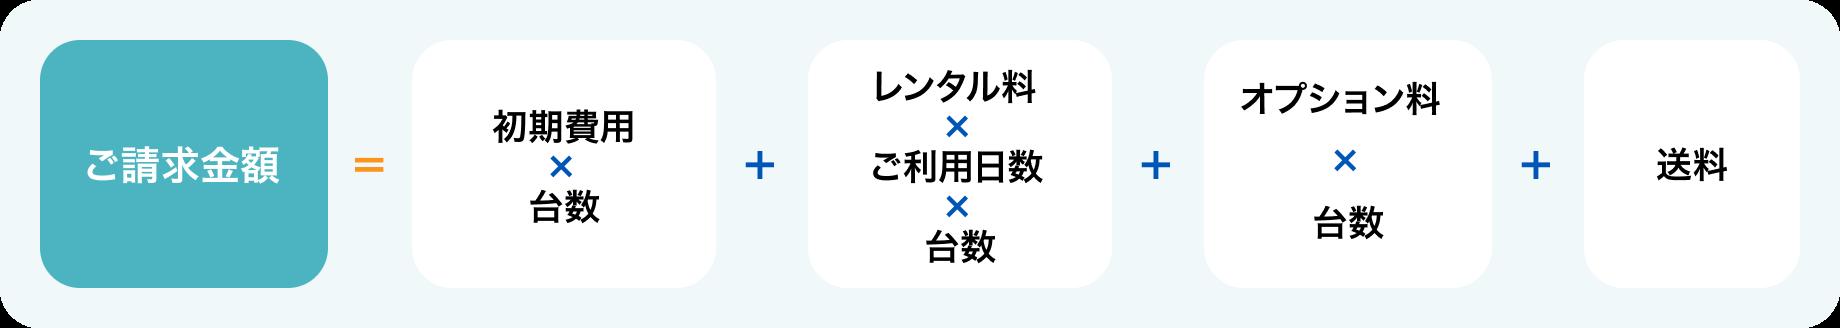 ご請求金額=(初期費用×台数)+(レンタル料×ご利用日数×台数)+(オプション料×台数)+(送料+税)